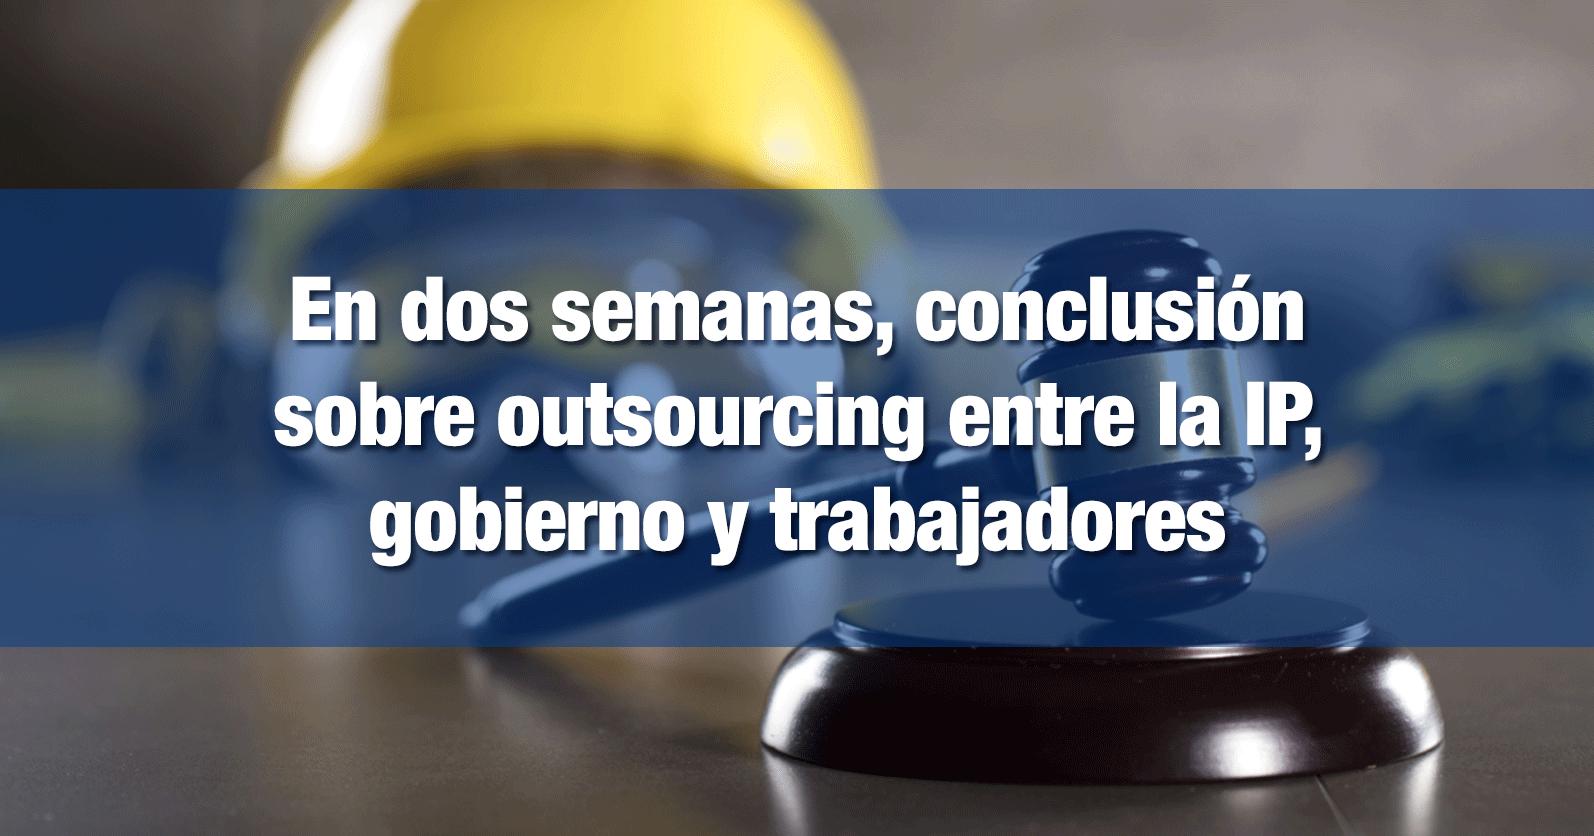 En dos semanas, conclusión sobre outsourcing entre la IP, gobierno y trabajadores